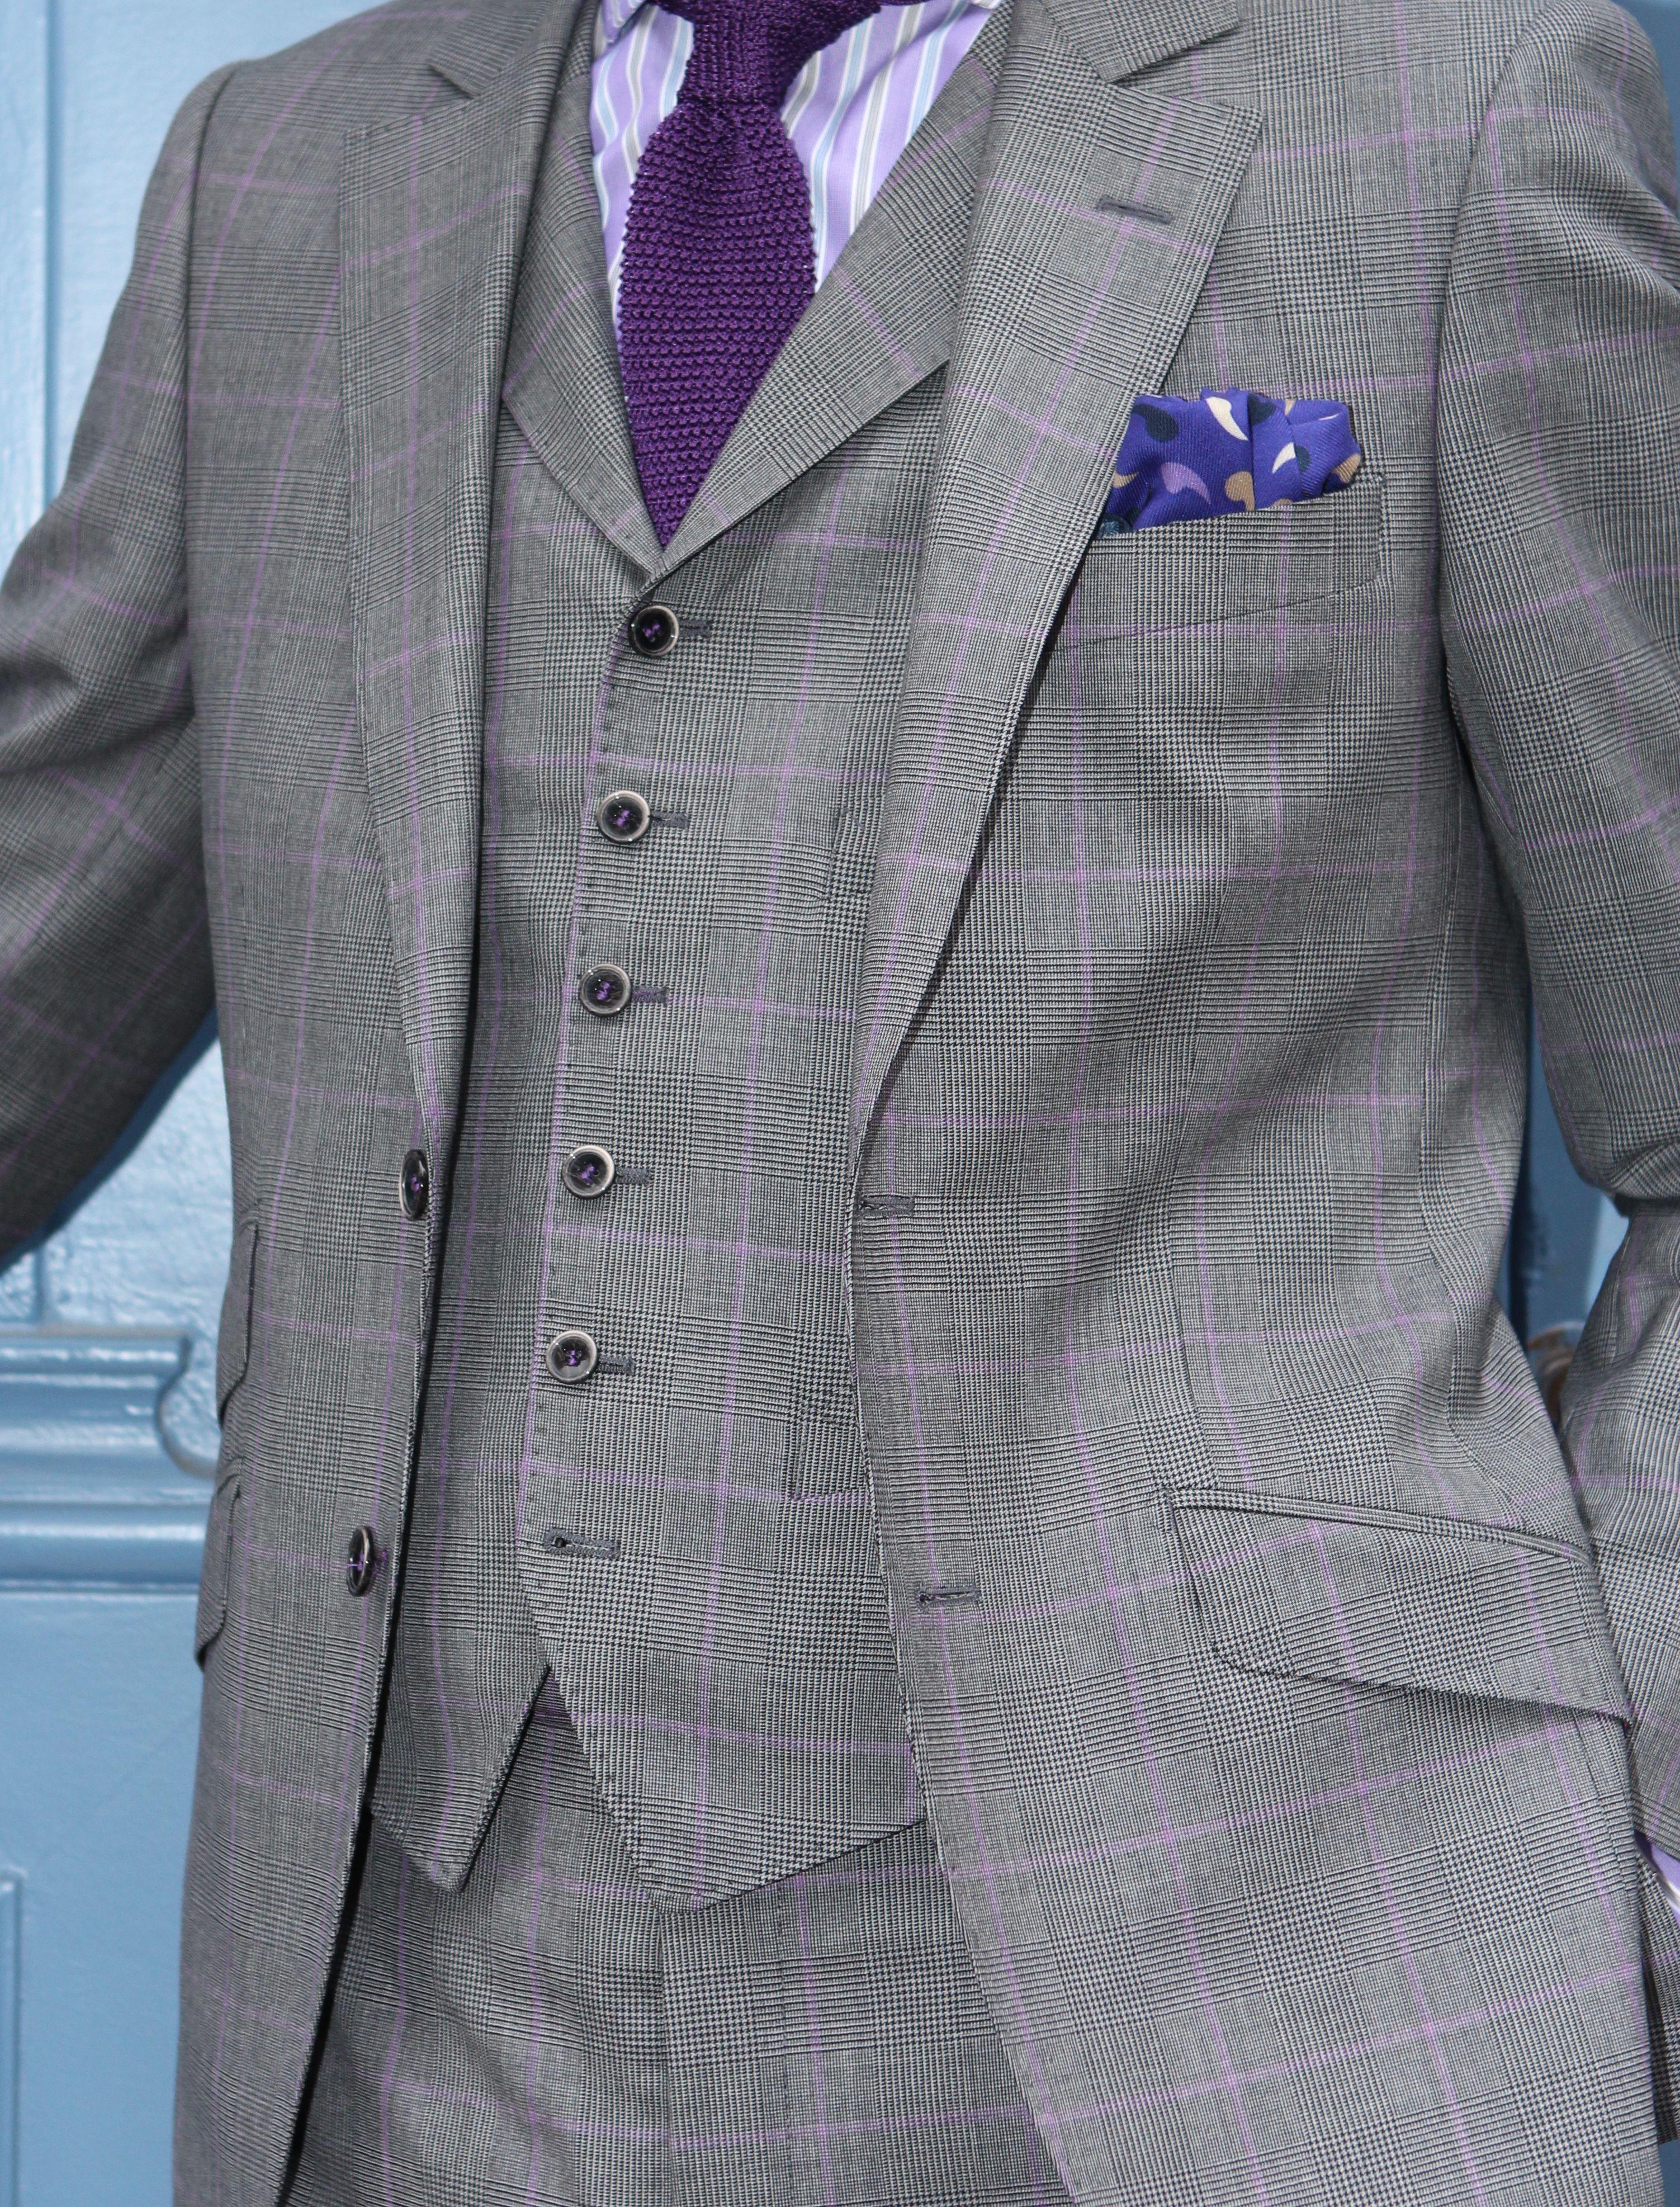 Costume anglais gris à motif Prince de Galle, contre carreaux parme! Gilet  anglais à revers 6 boutons   pantalon sans pince! Cravate tricot couleur  violet ... f141c73d4f4